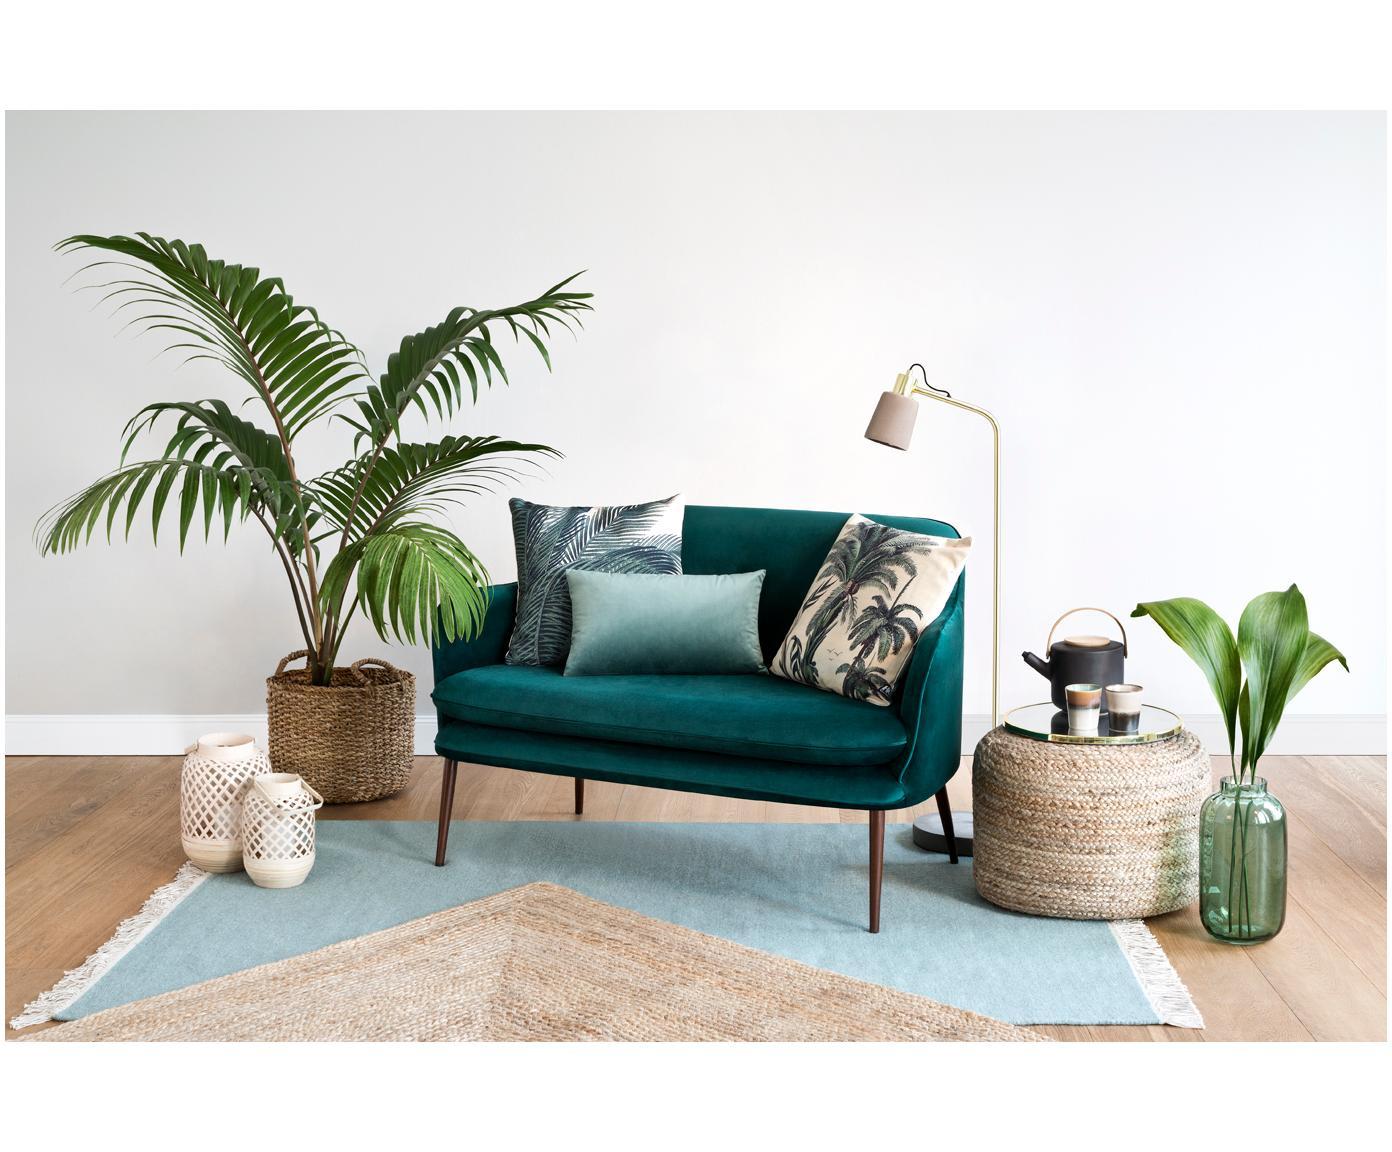 Kussenhoes Palmeira, Katoen, Ecru, groen, 40 x 40 cm